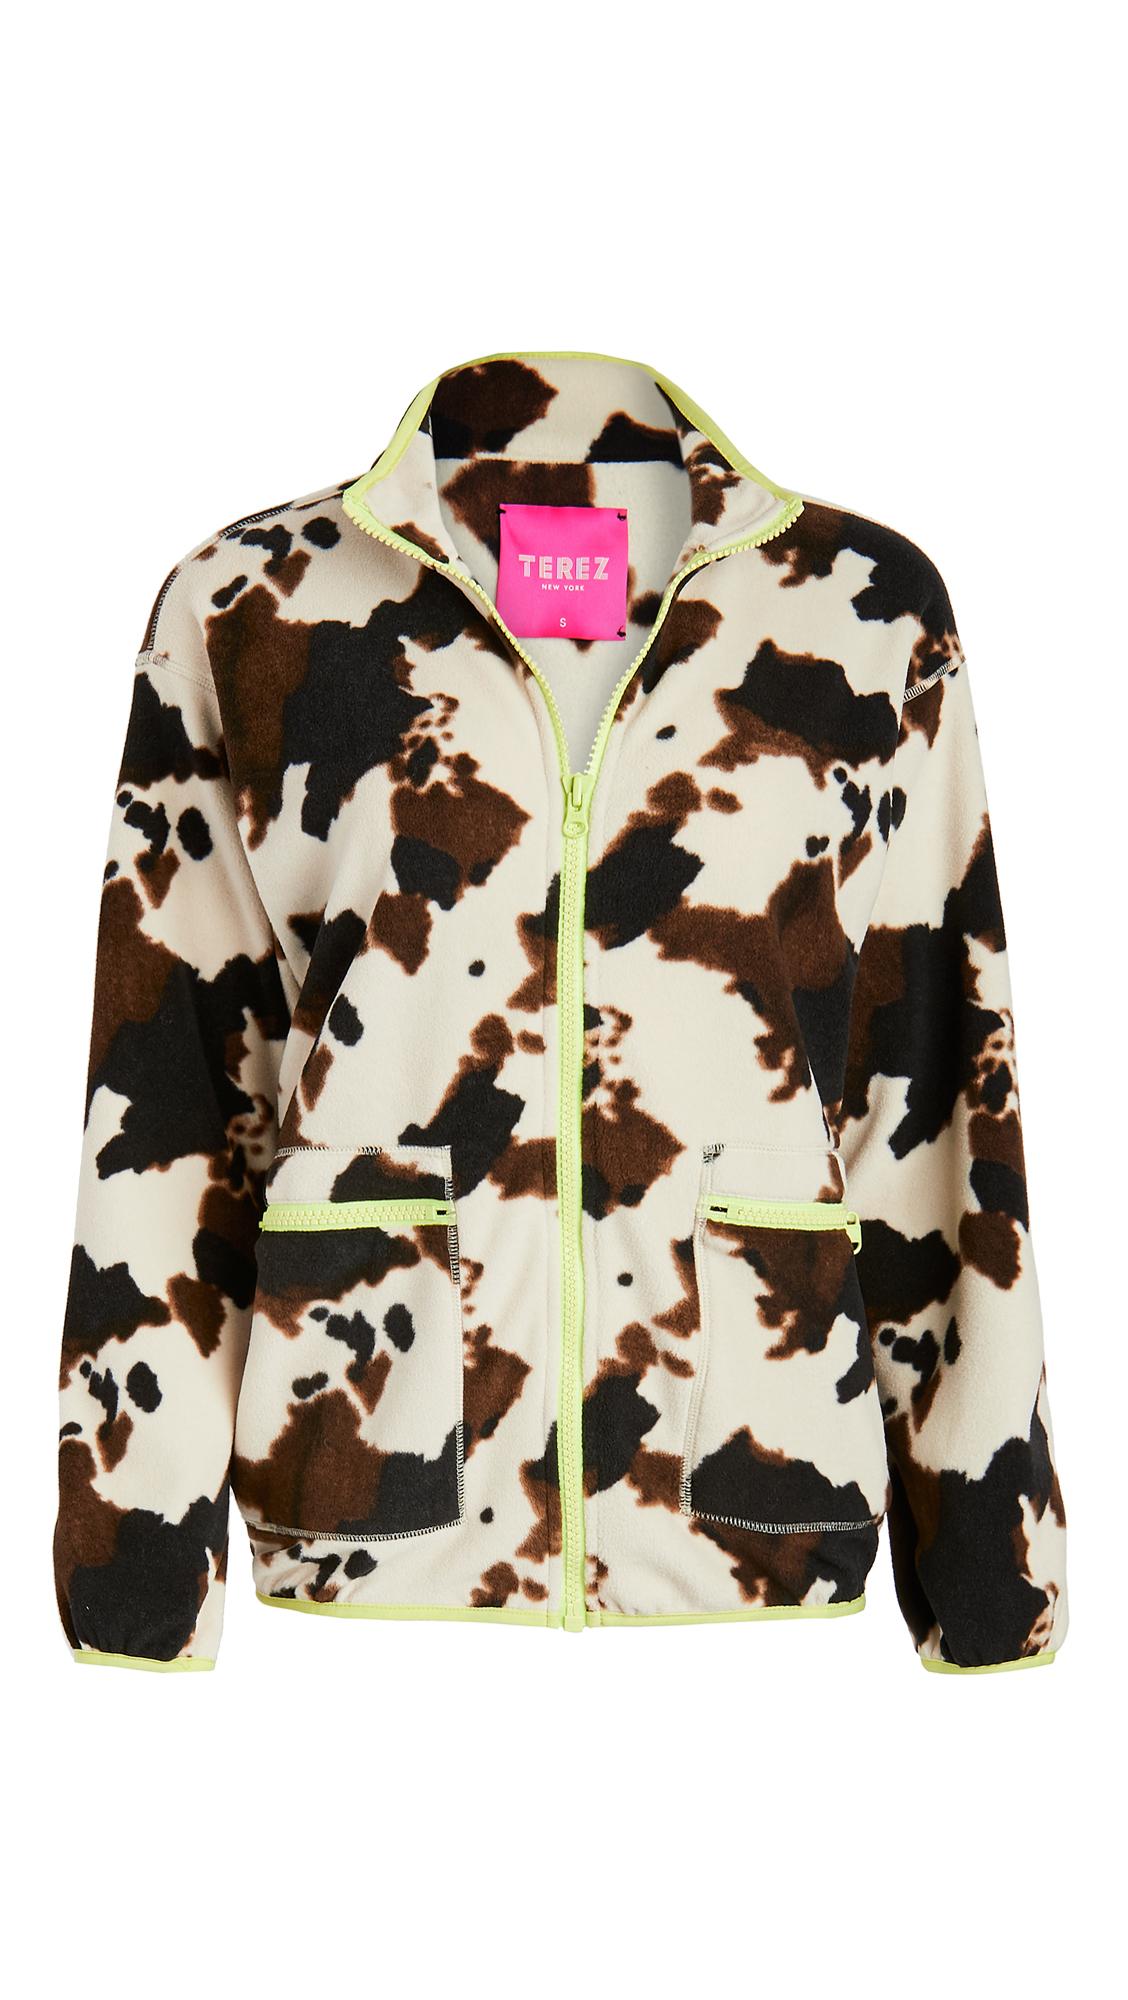 Terez Fleece Zip Up Jacket